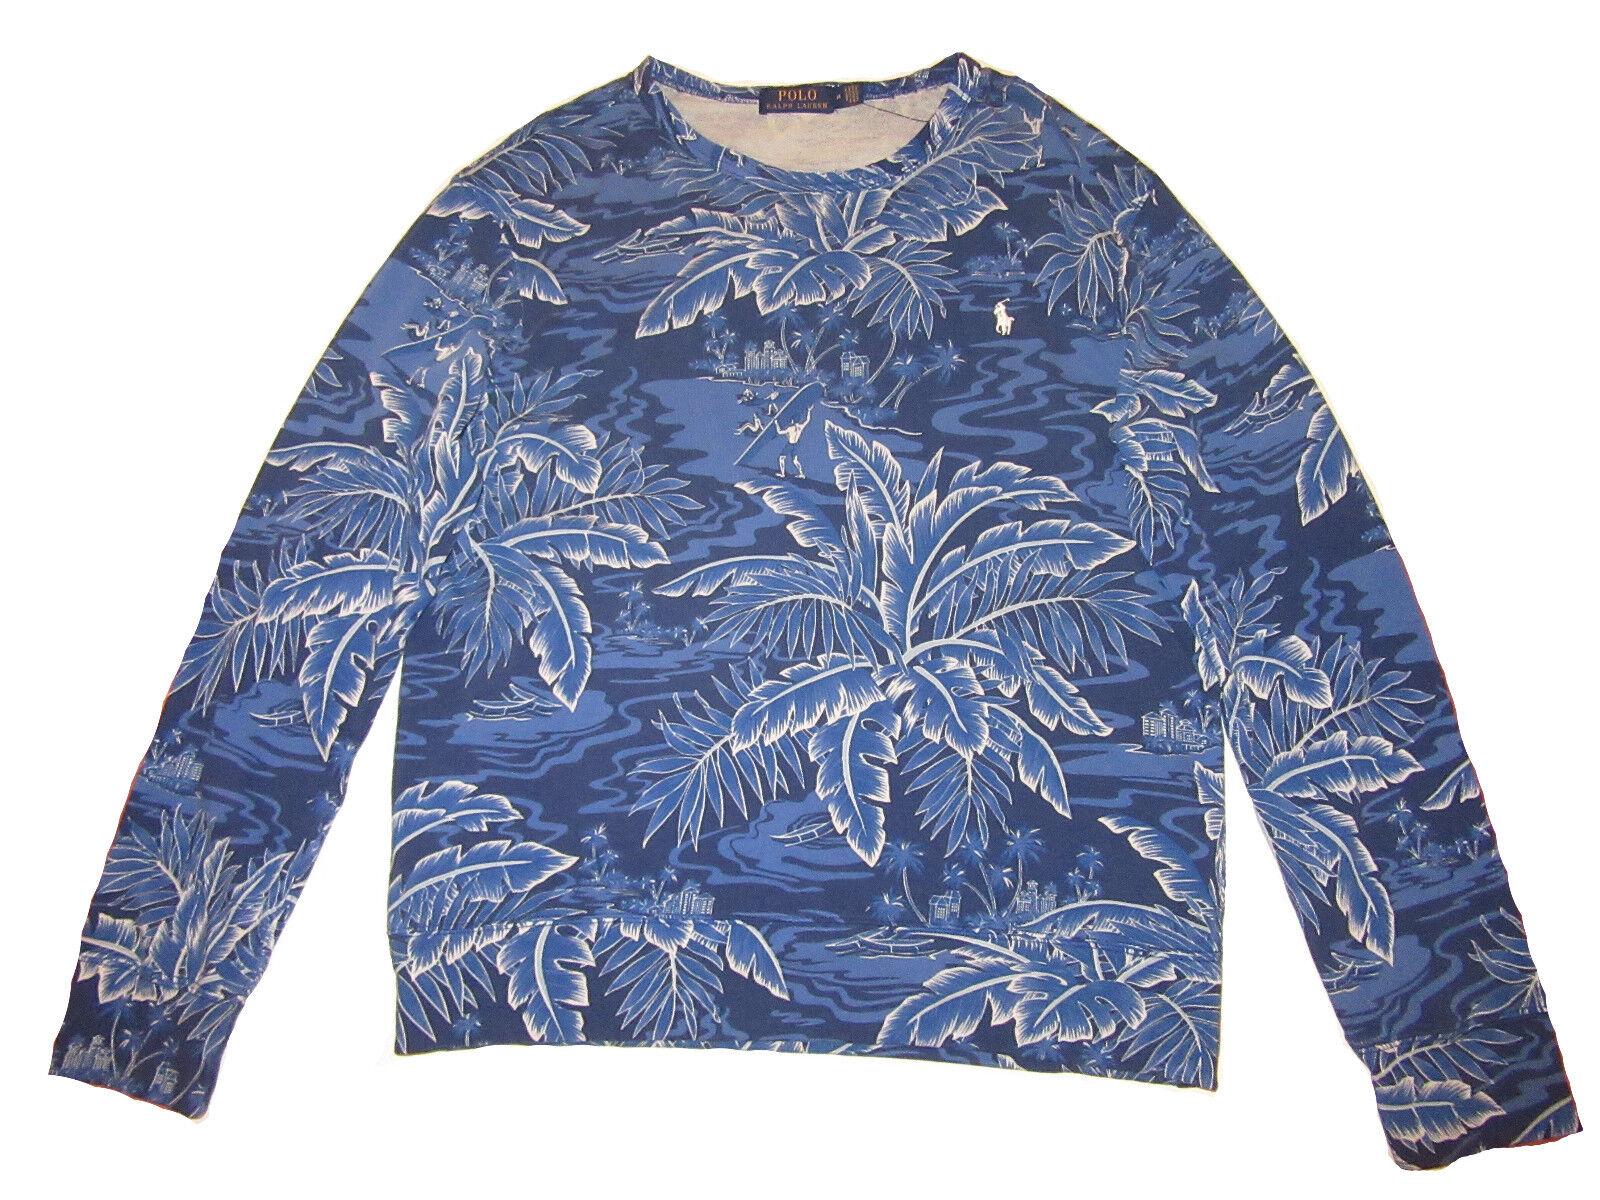 Polo Ralph Lauren Royal Blau Floral Surfer Terry Beach Sweatshirt Medium